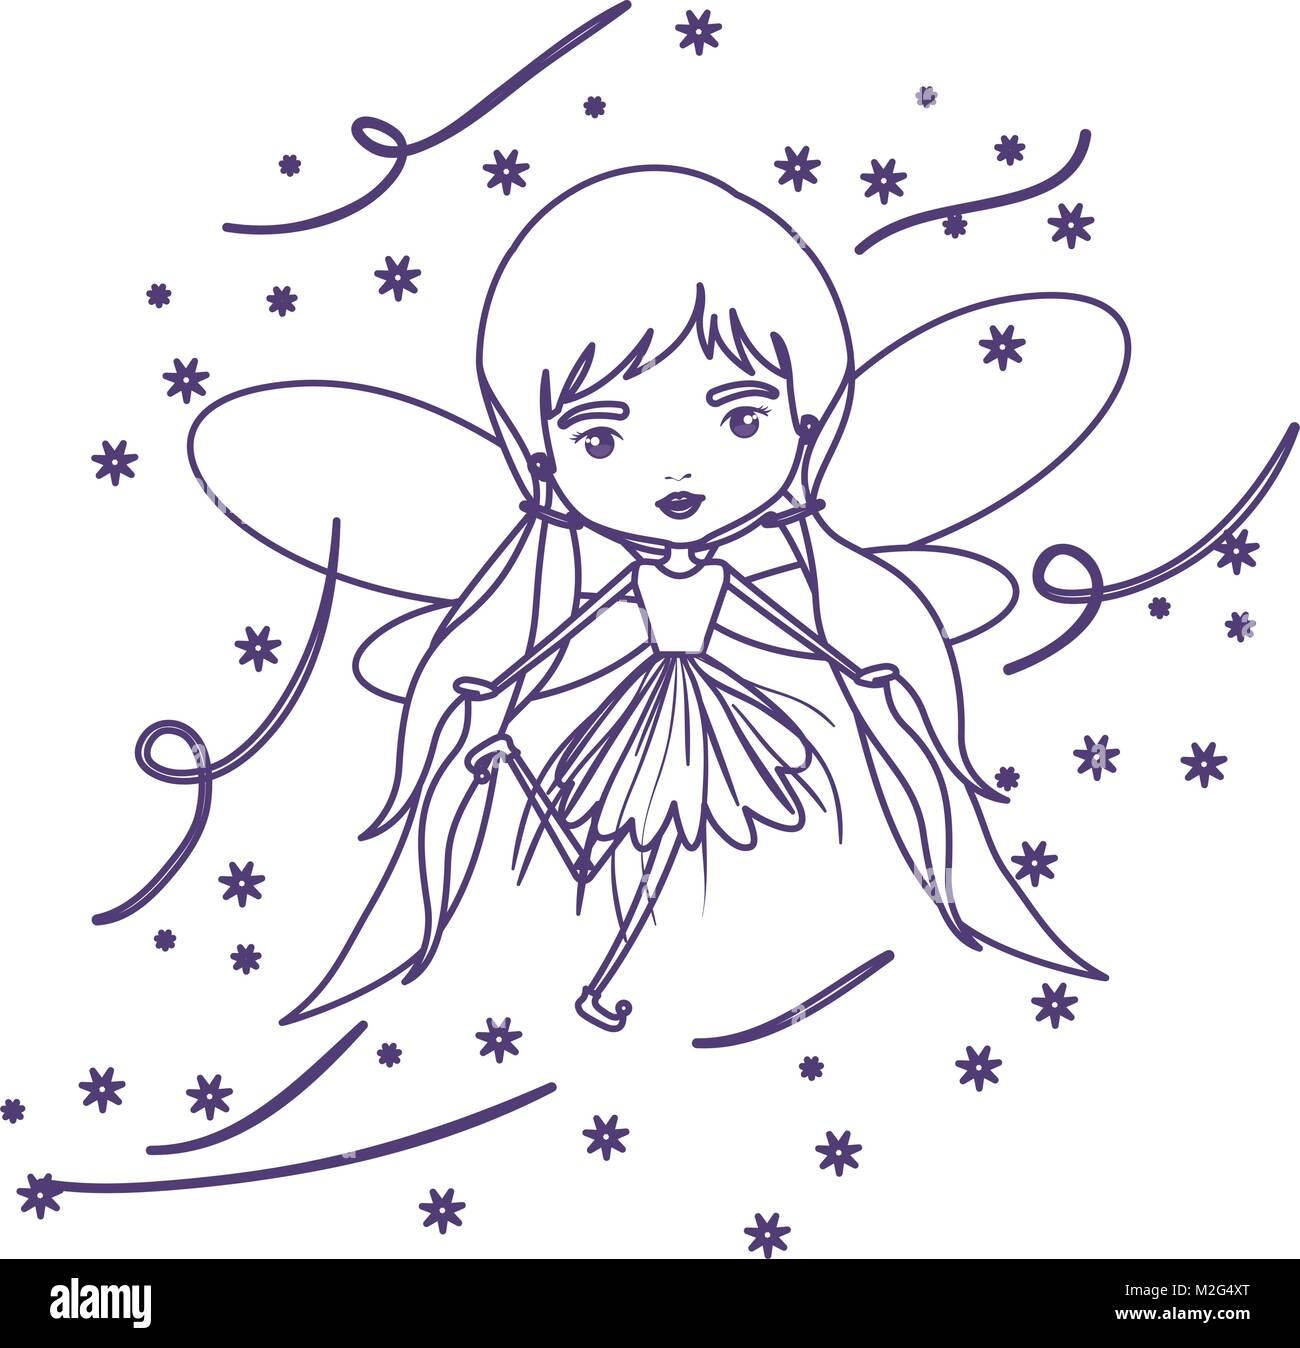 Girly fata volare con le ali e pigtail acconciatura e stelle nel contorno viola su sfondo bianco Immagini Stock